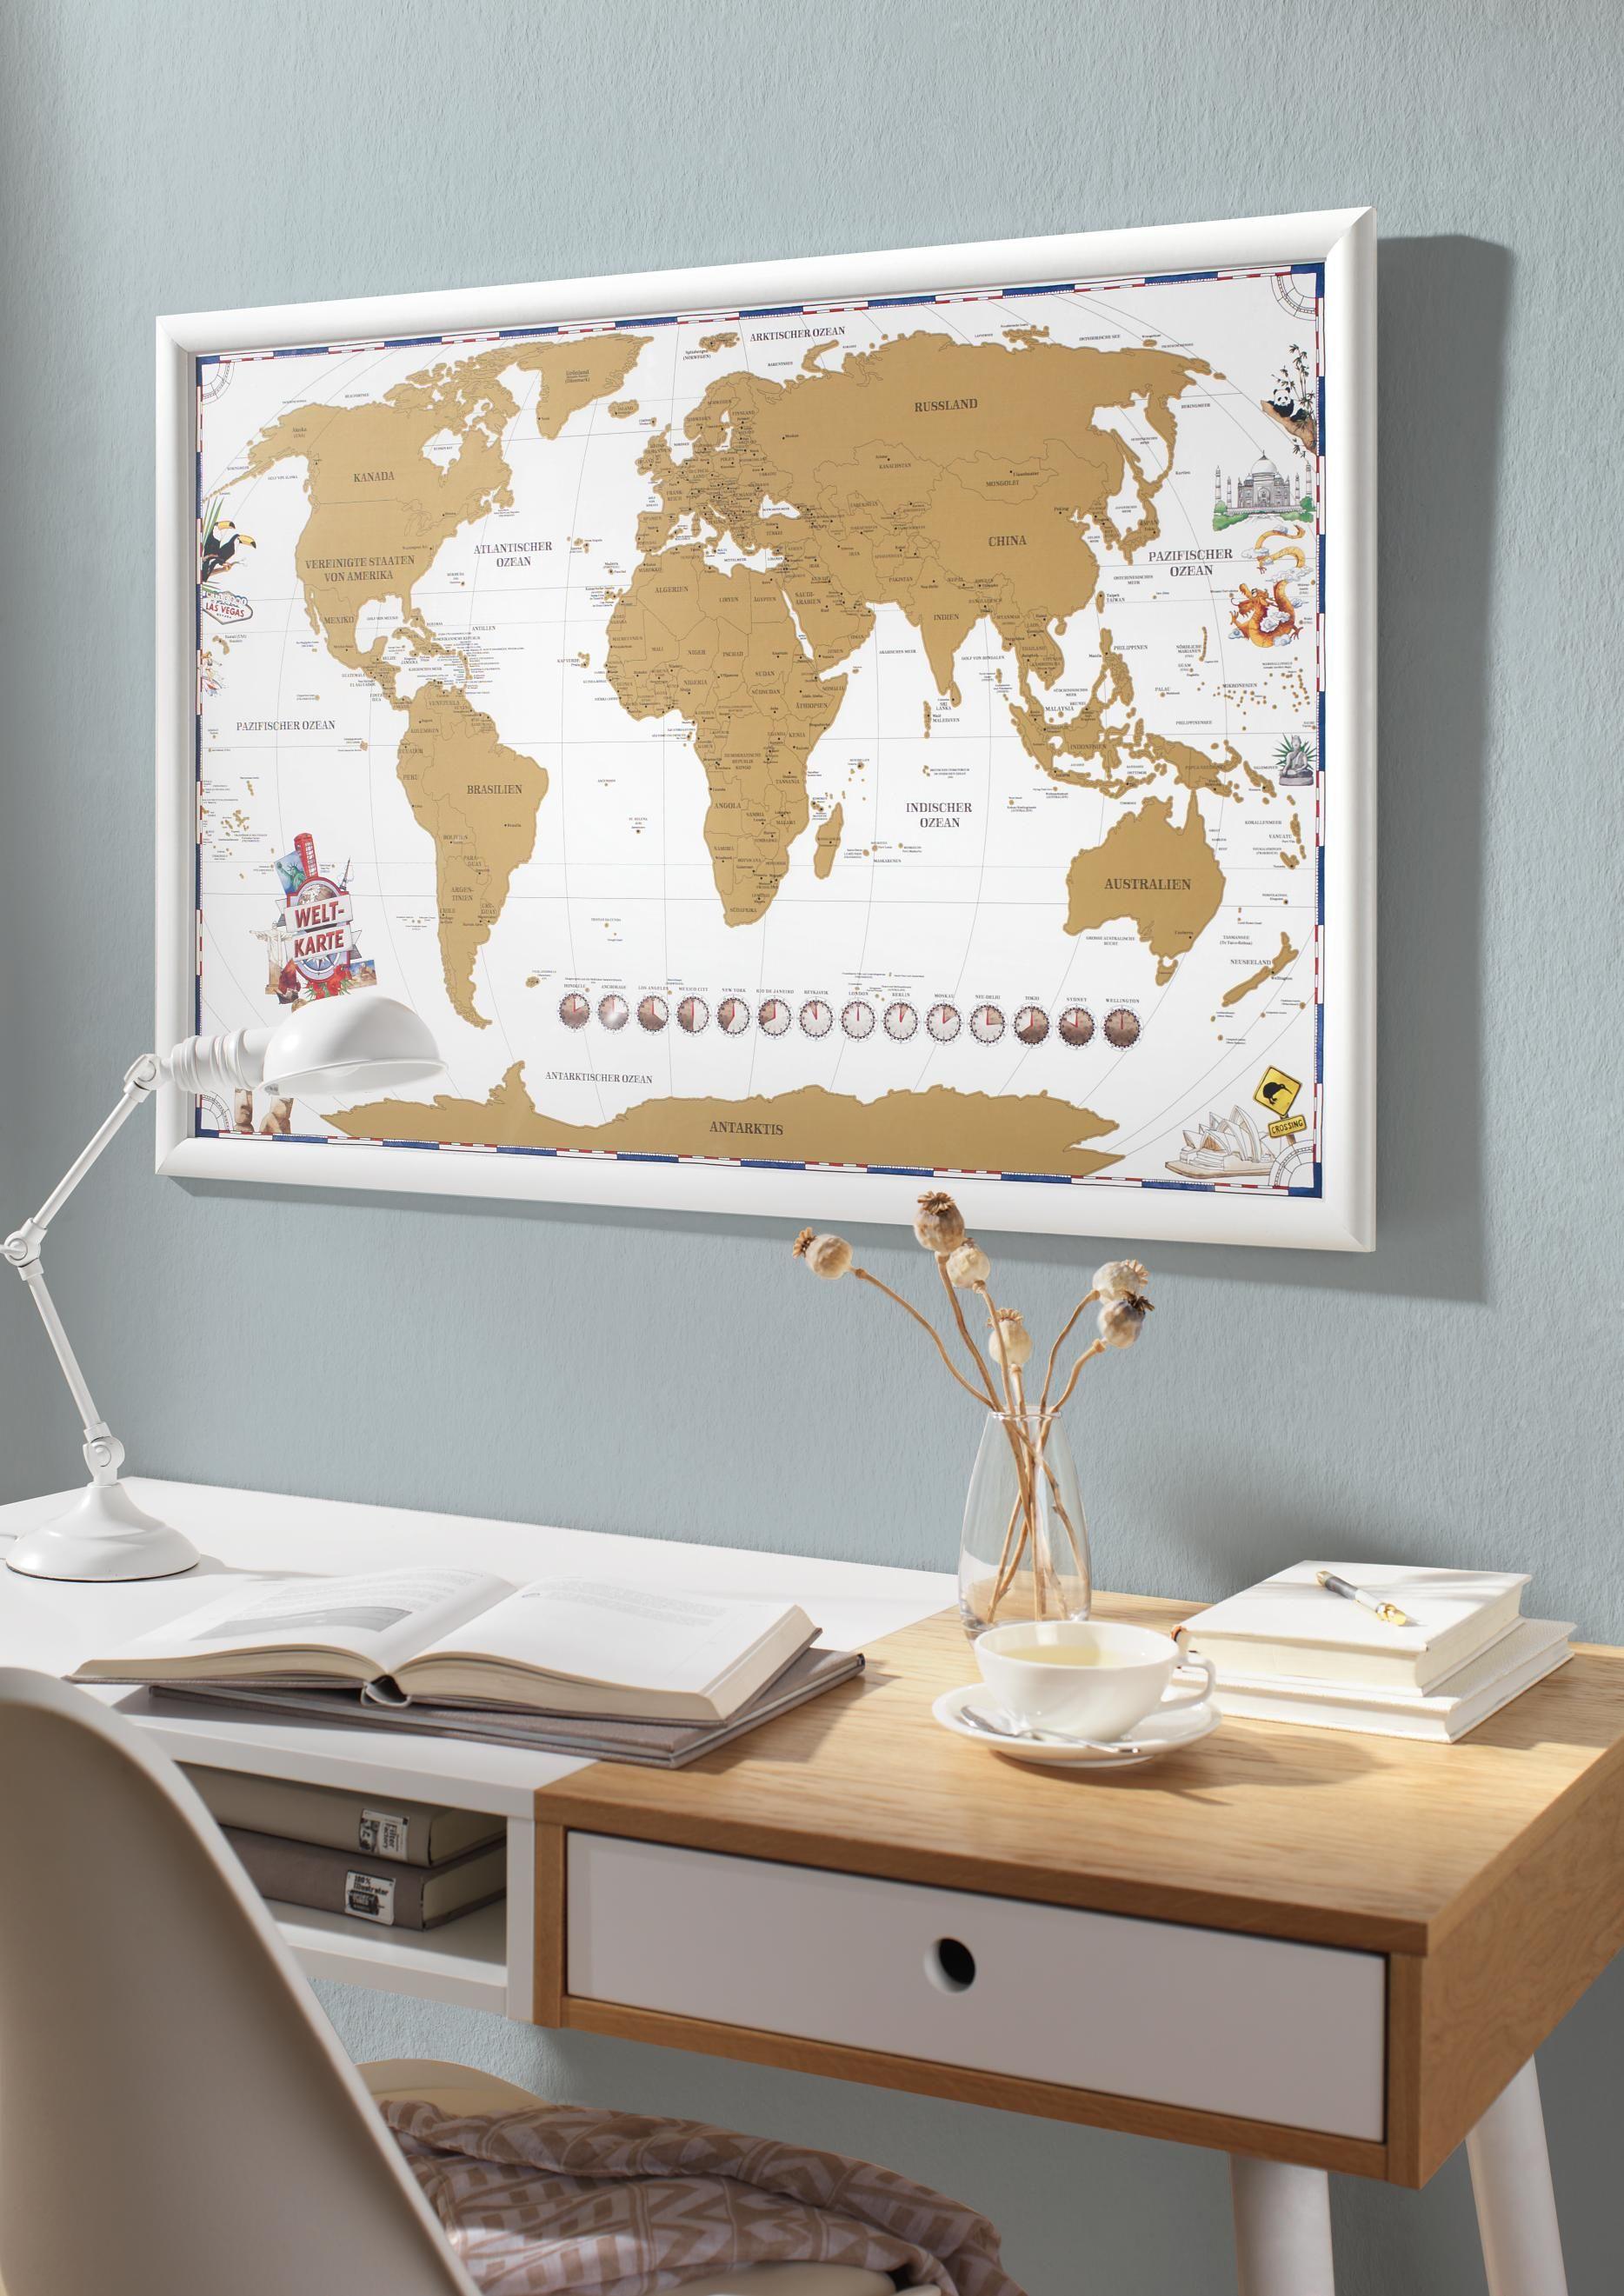 good einfache dekoration und mobel dekoration mit individuell gerahmten wandbildern #2: Pinterest